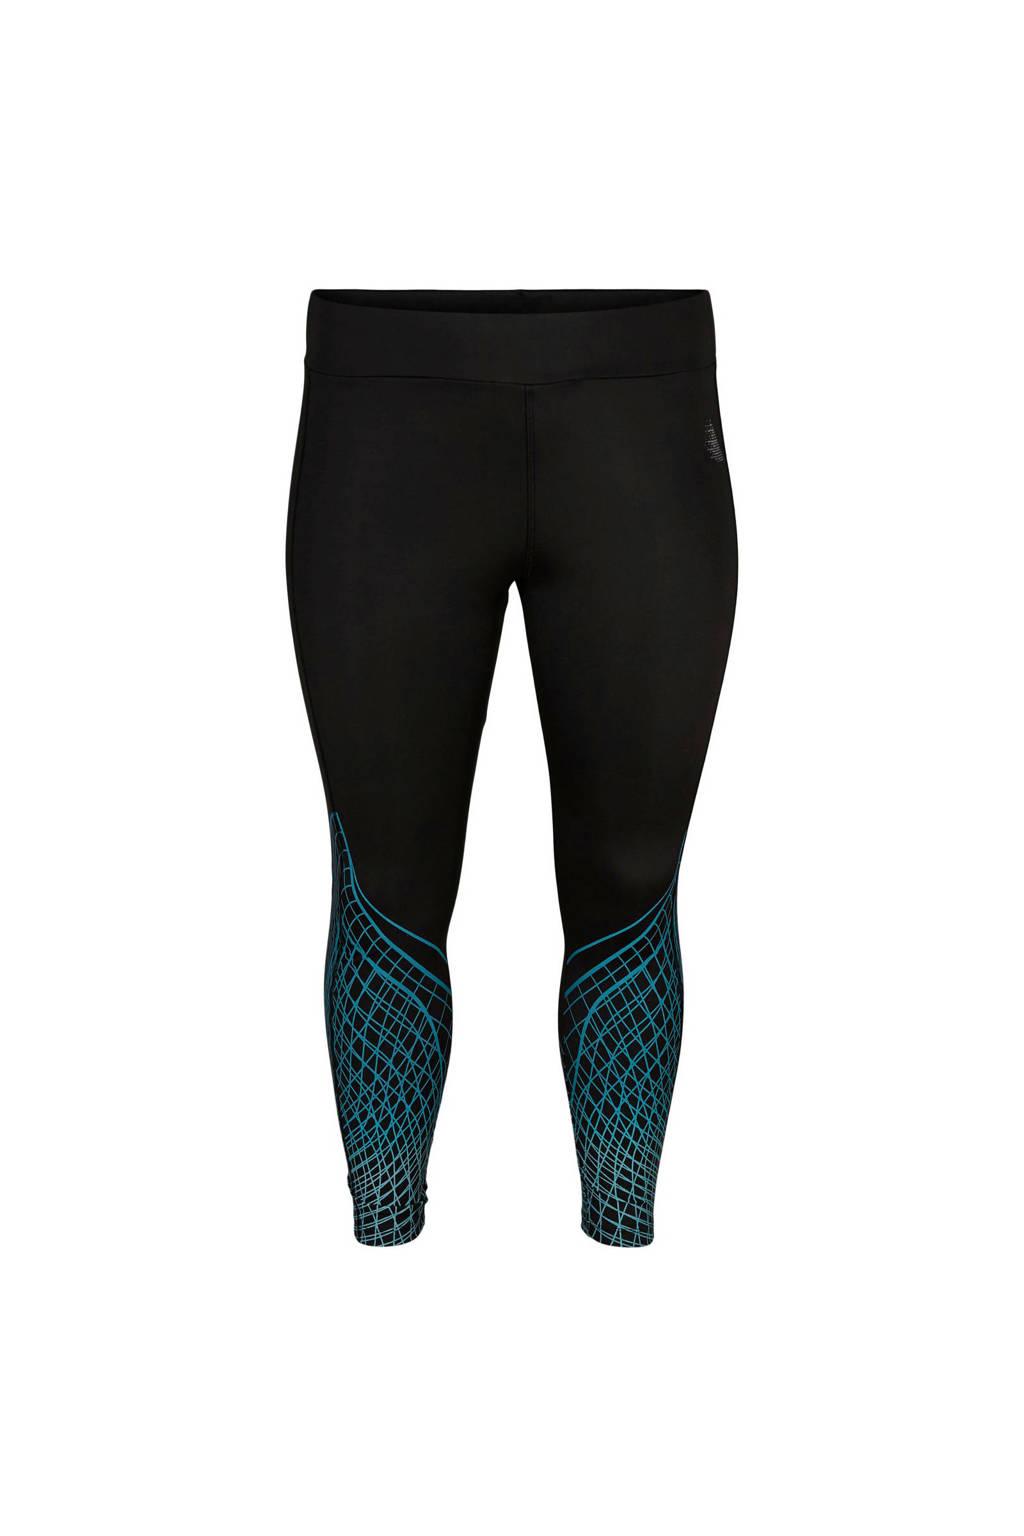 ACTIVE By Zizzi Plus Size 7/8 sportbroek zwart, Zwart/blauw